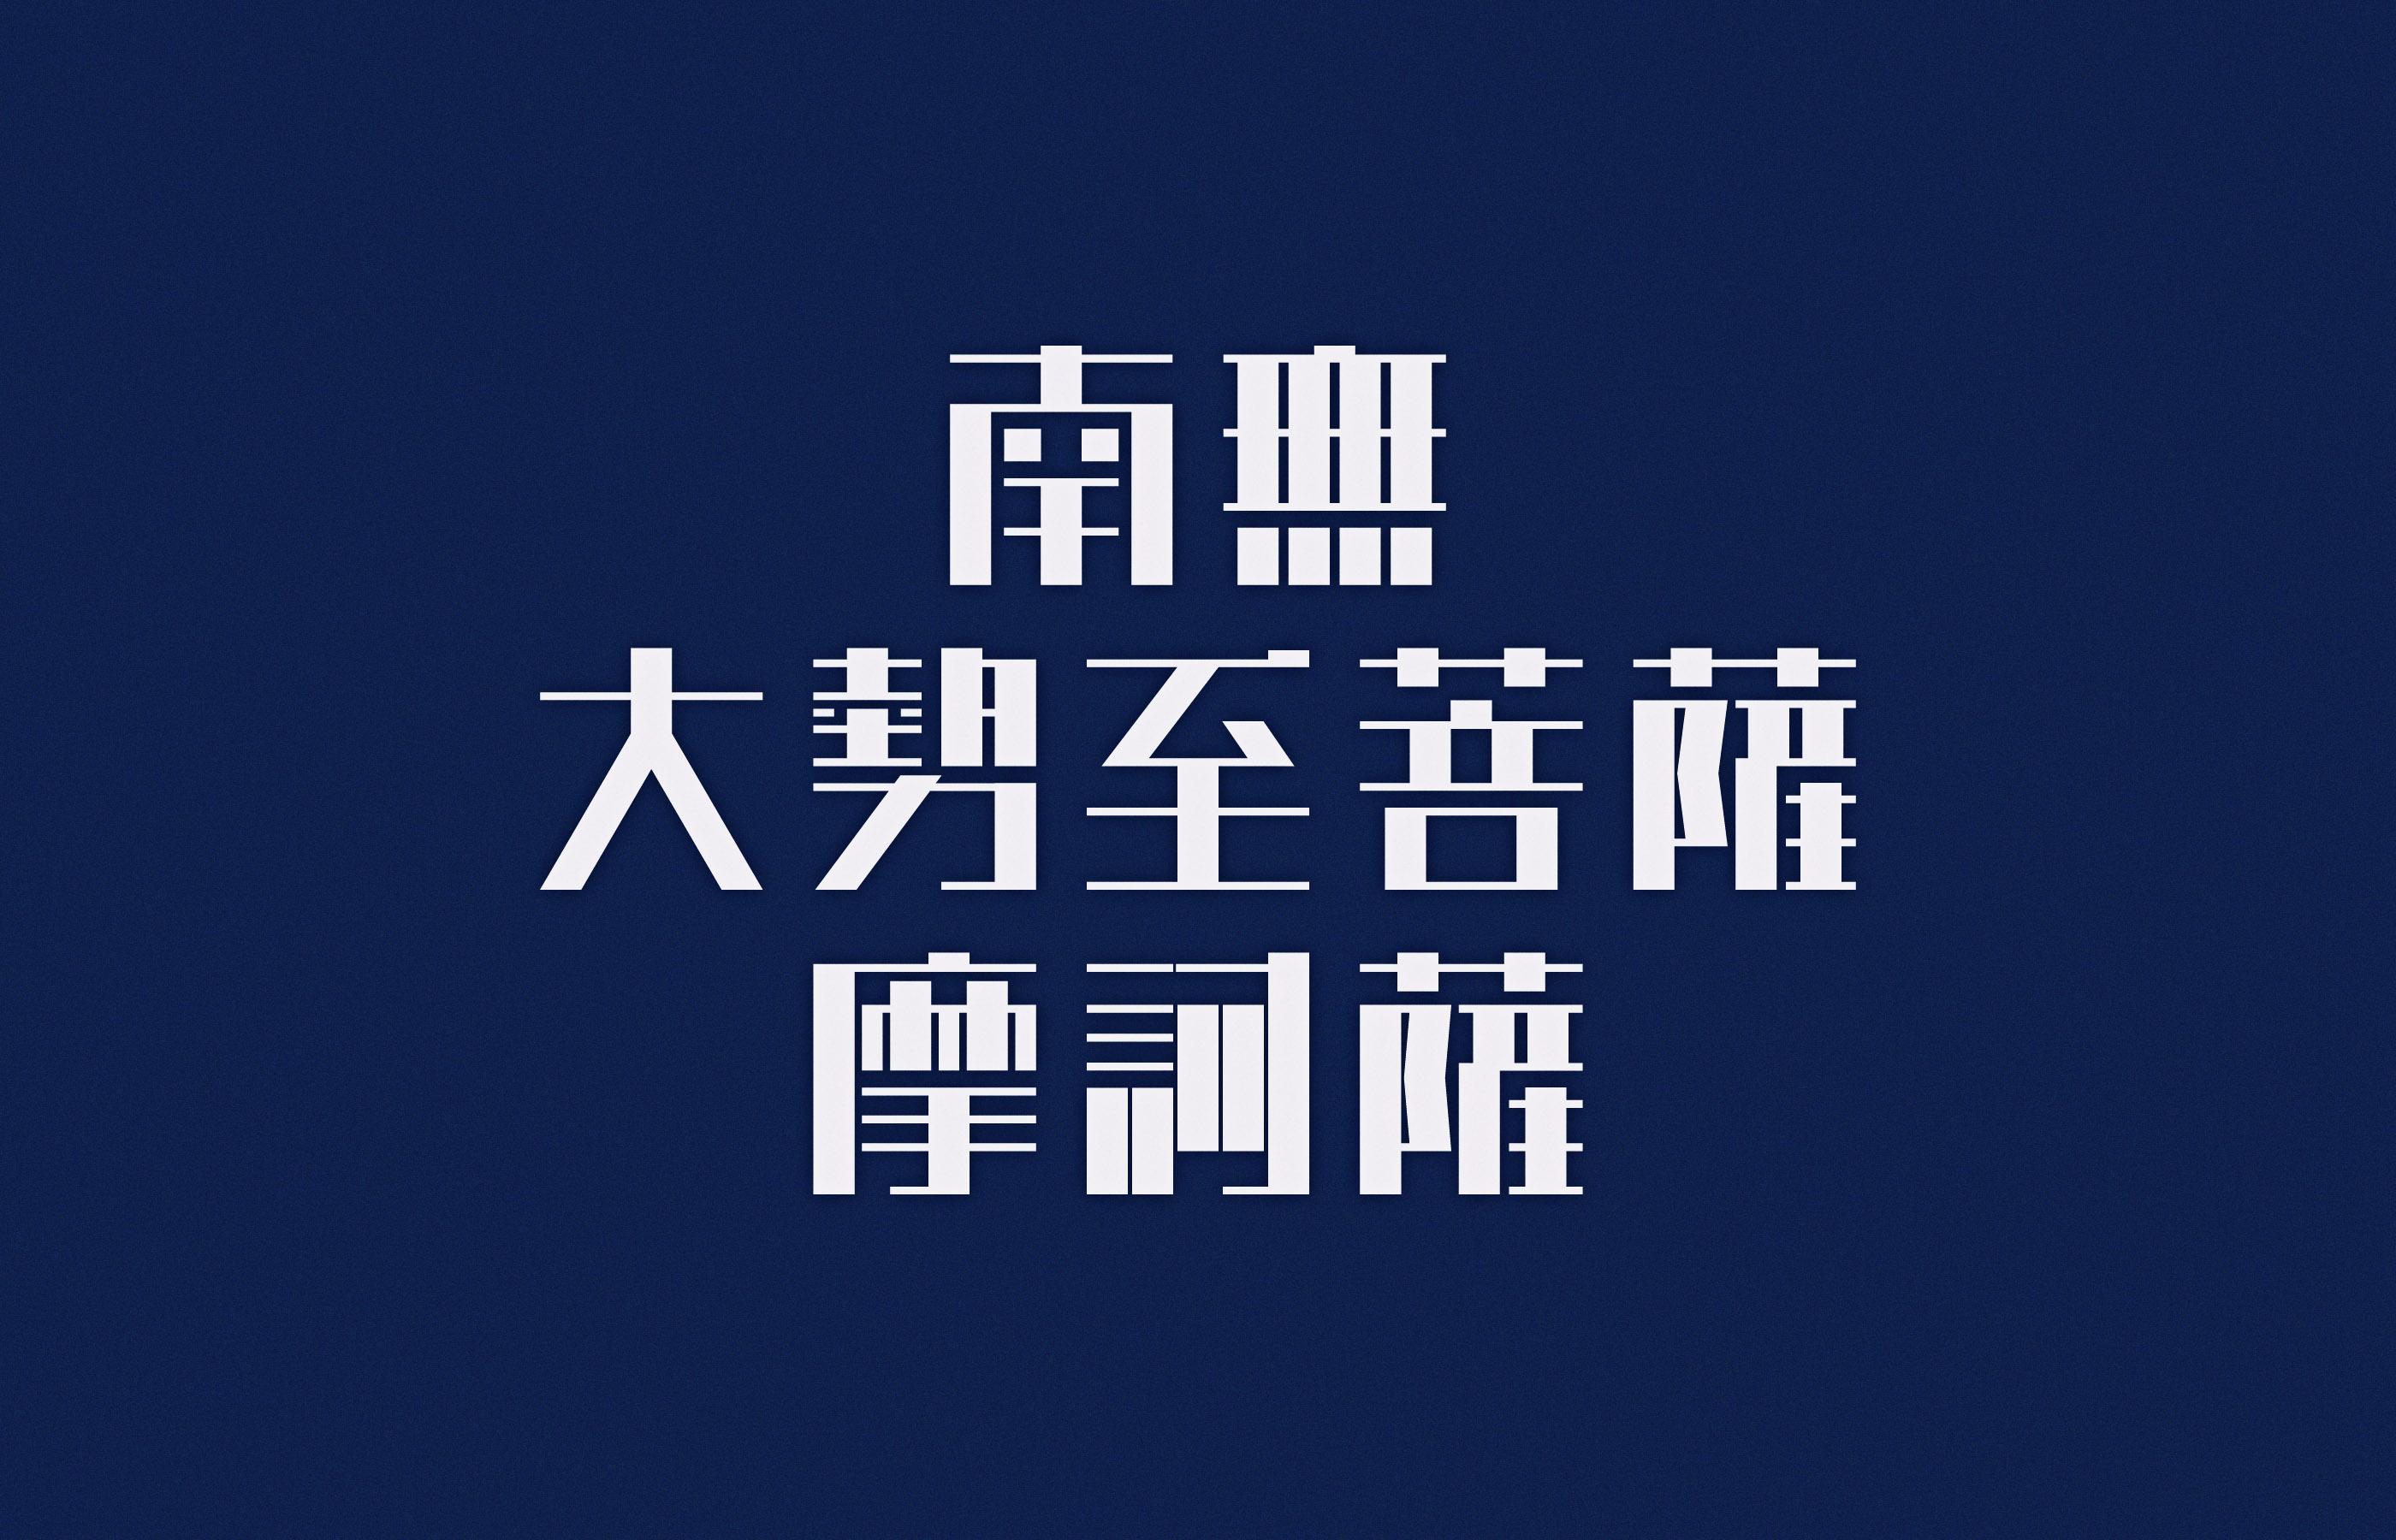 佛教名词字体设计